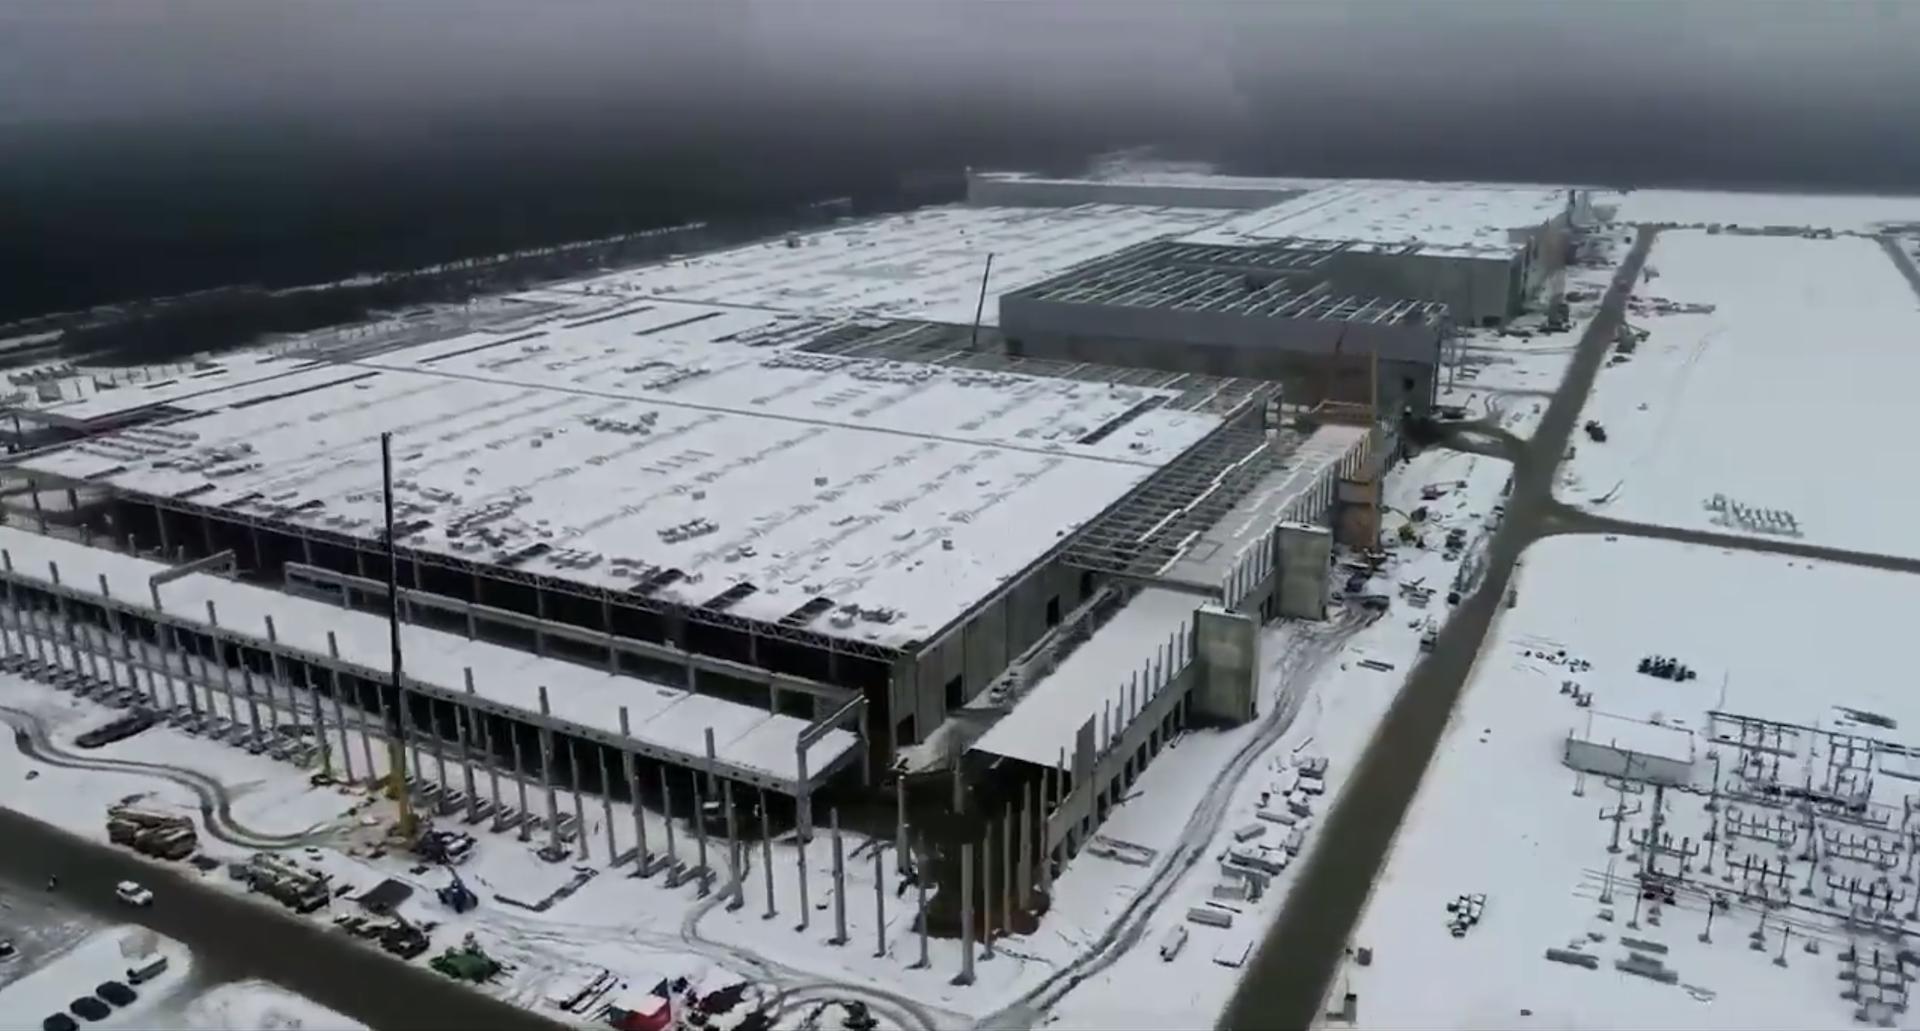 一片白茫茫! 全球首富 Elon Musk 分享柏林 Tesla 車廠航拍影片